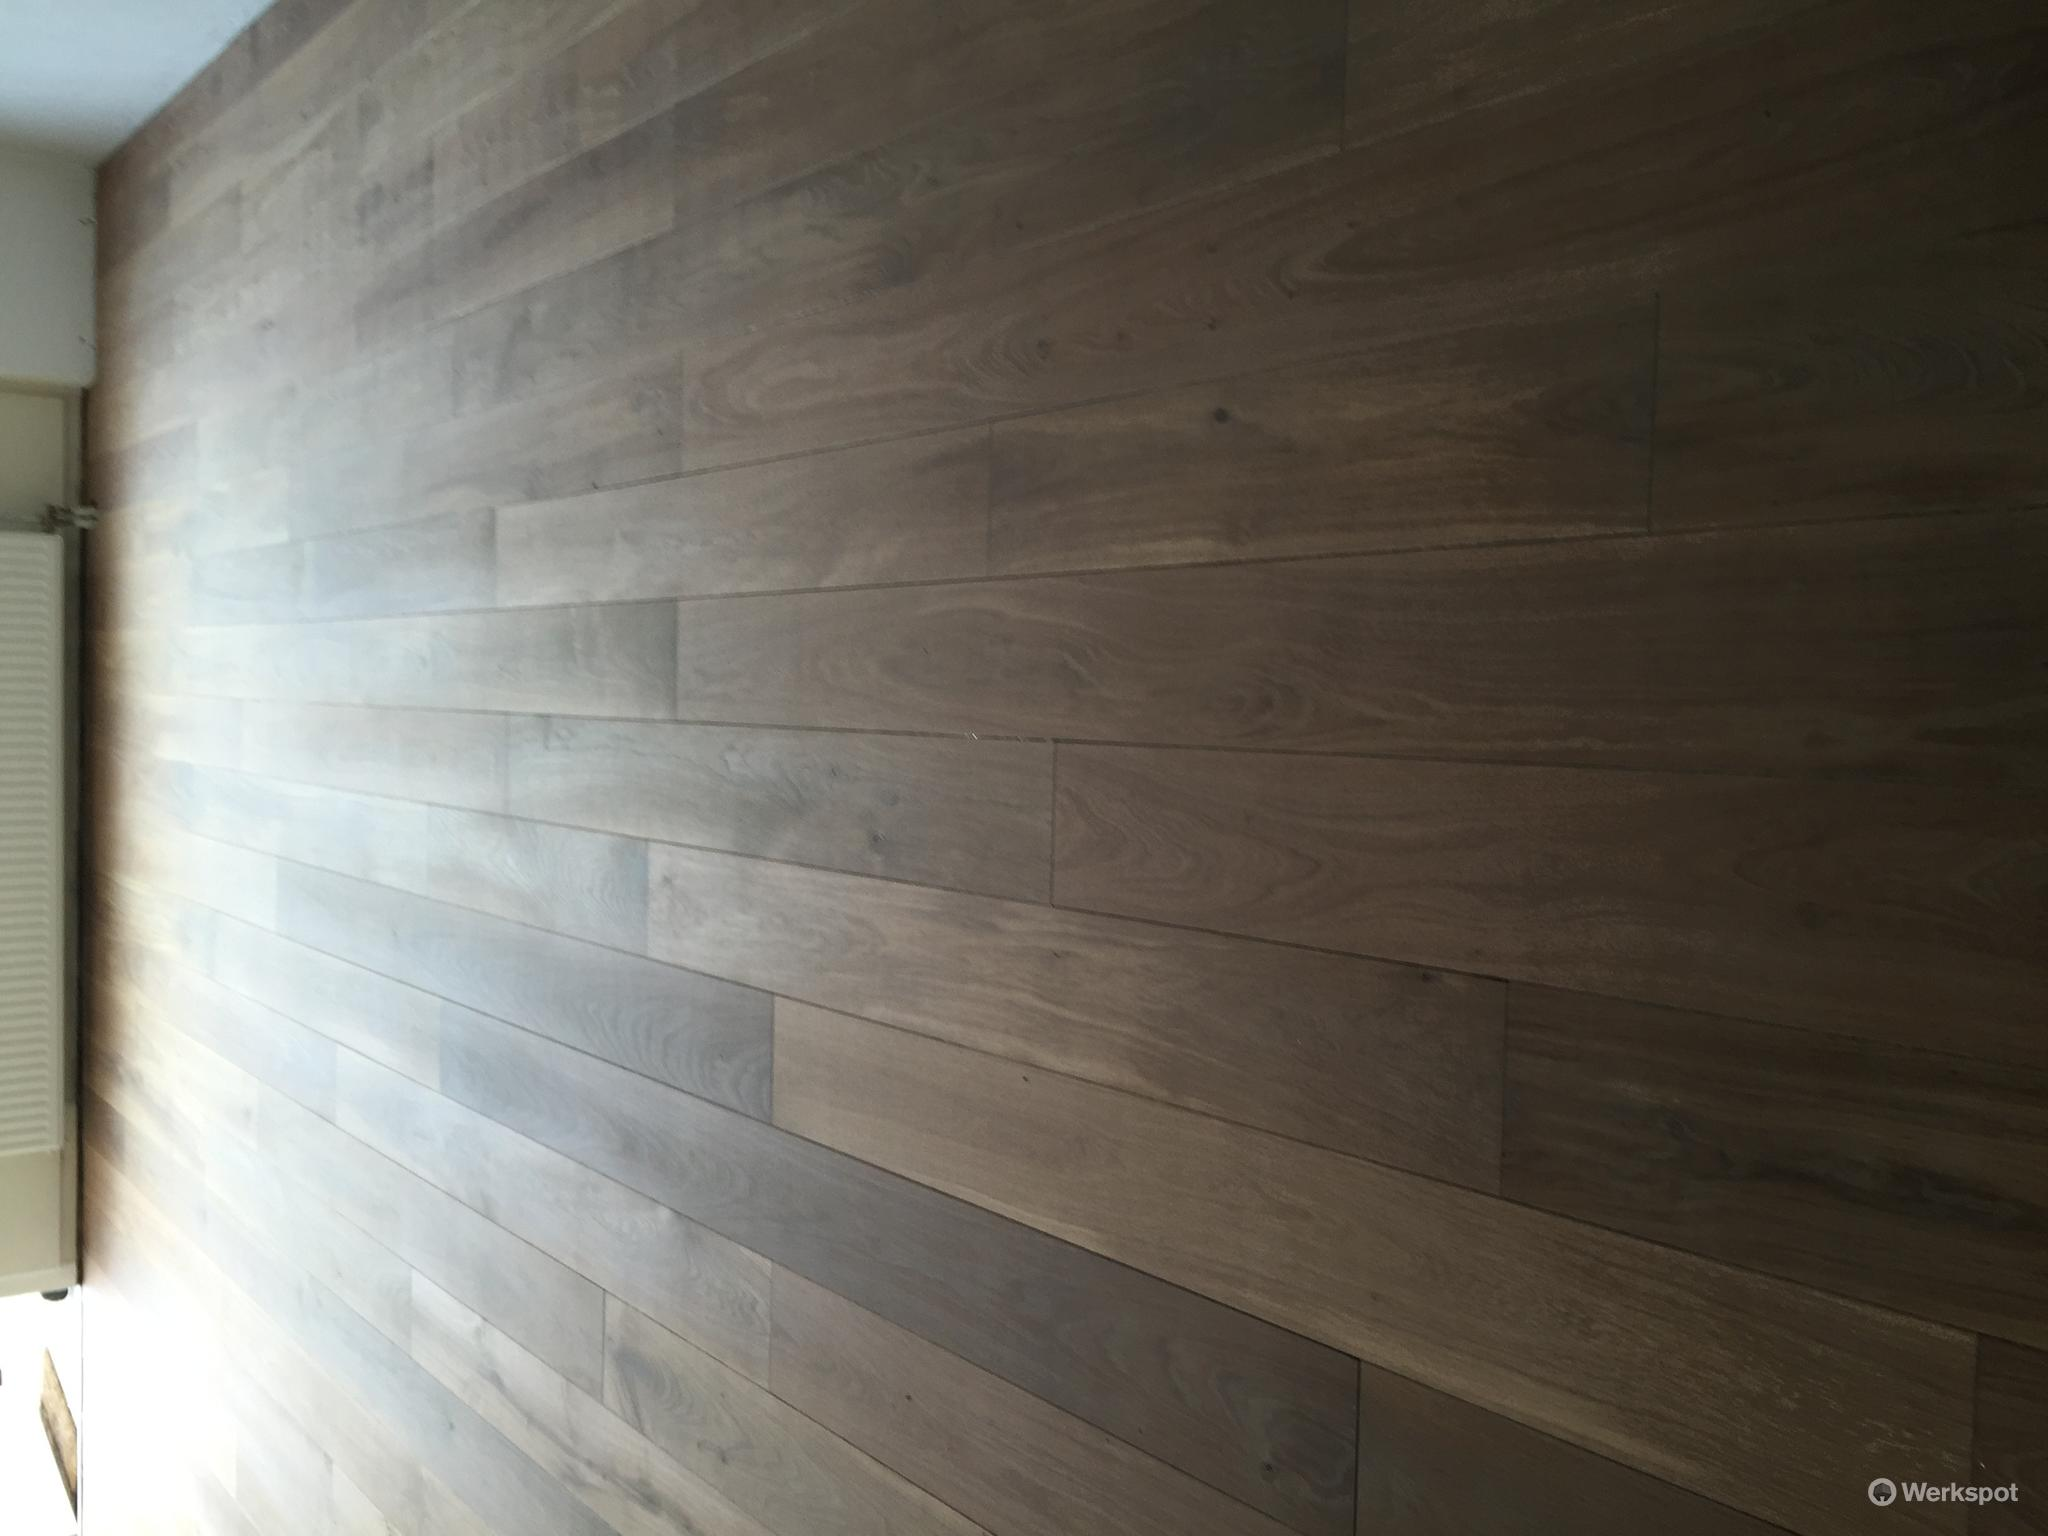 Prijs Eikenhouten Vloer : M2 prijs eiken vloer schuren. cool parket schuren groningen with m2